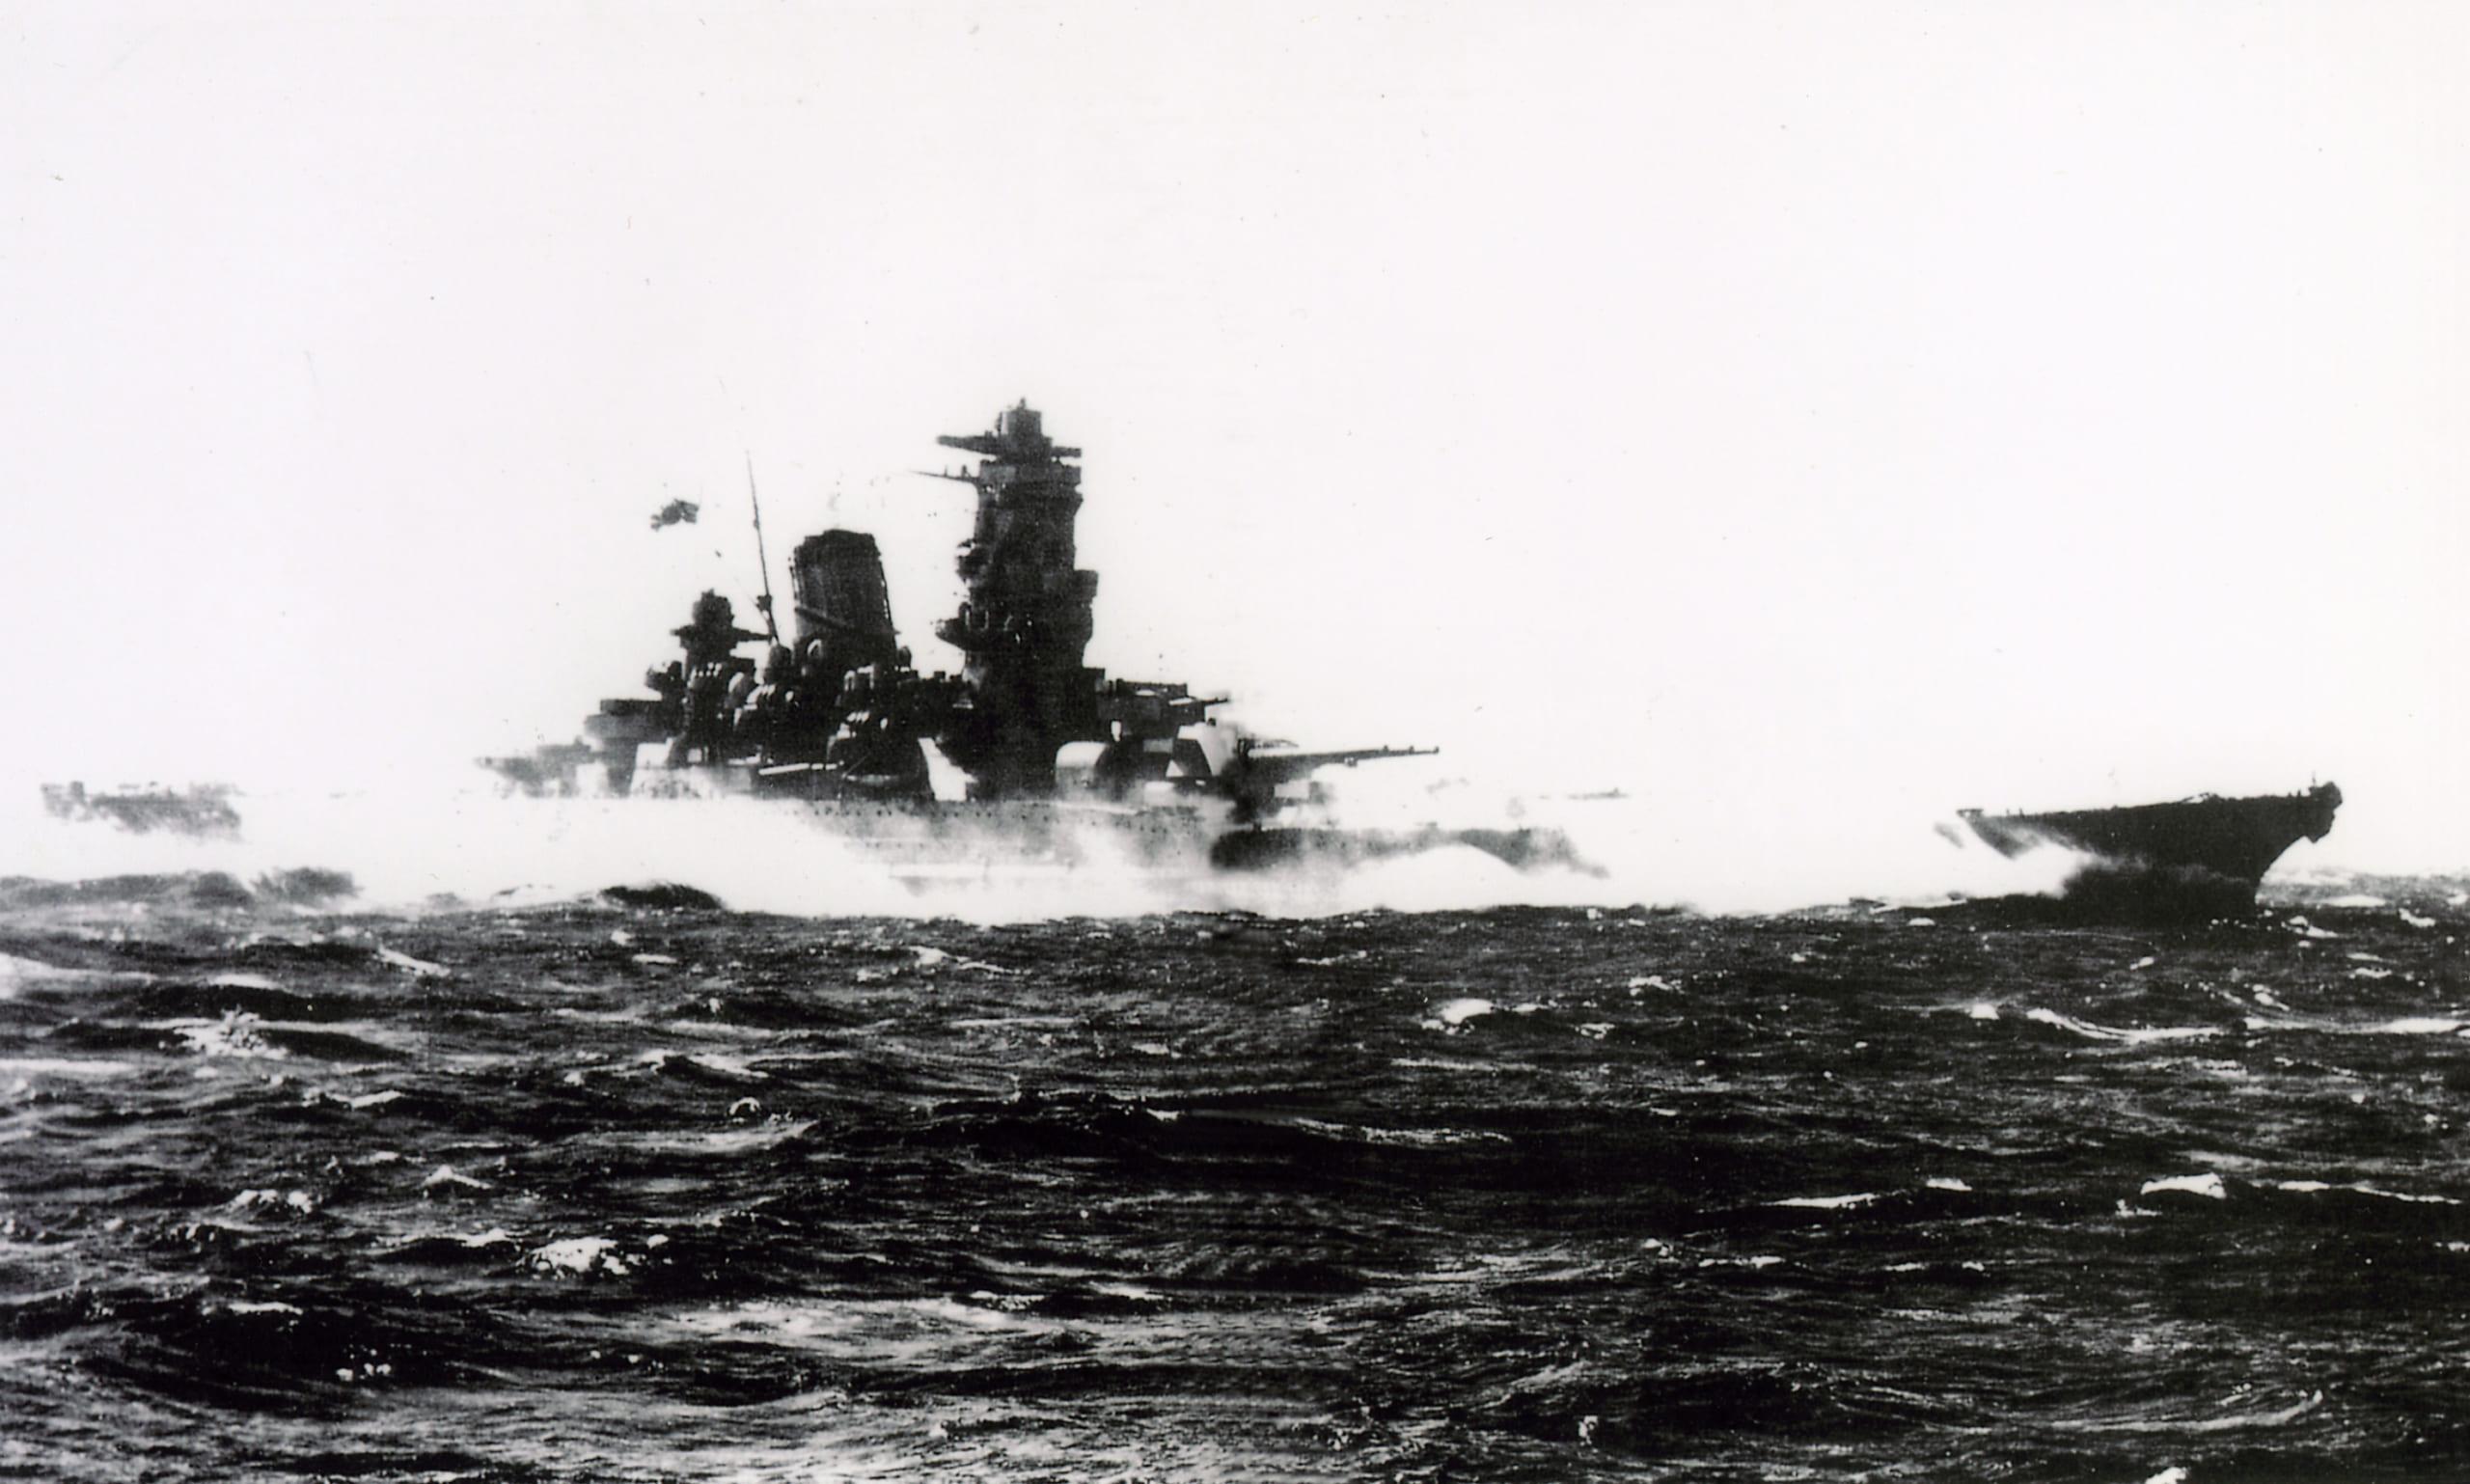 戦艦大和をつかった<br />沖縄殴り込み作戦を立案<br />